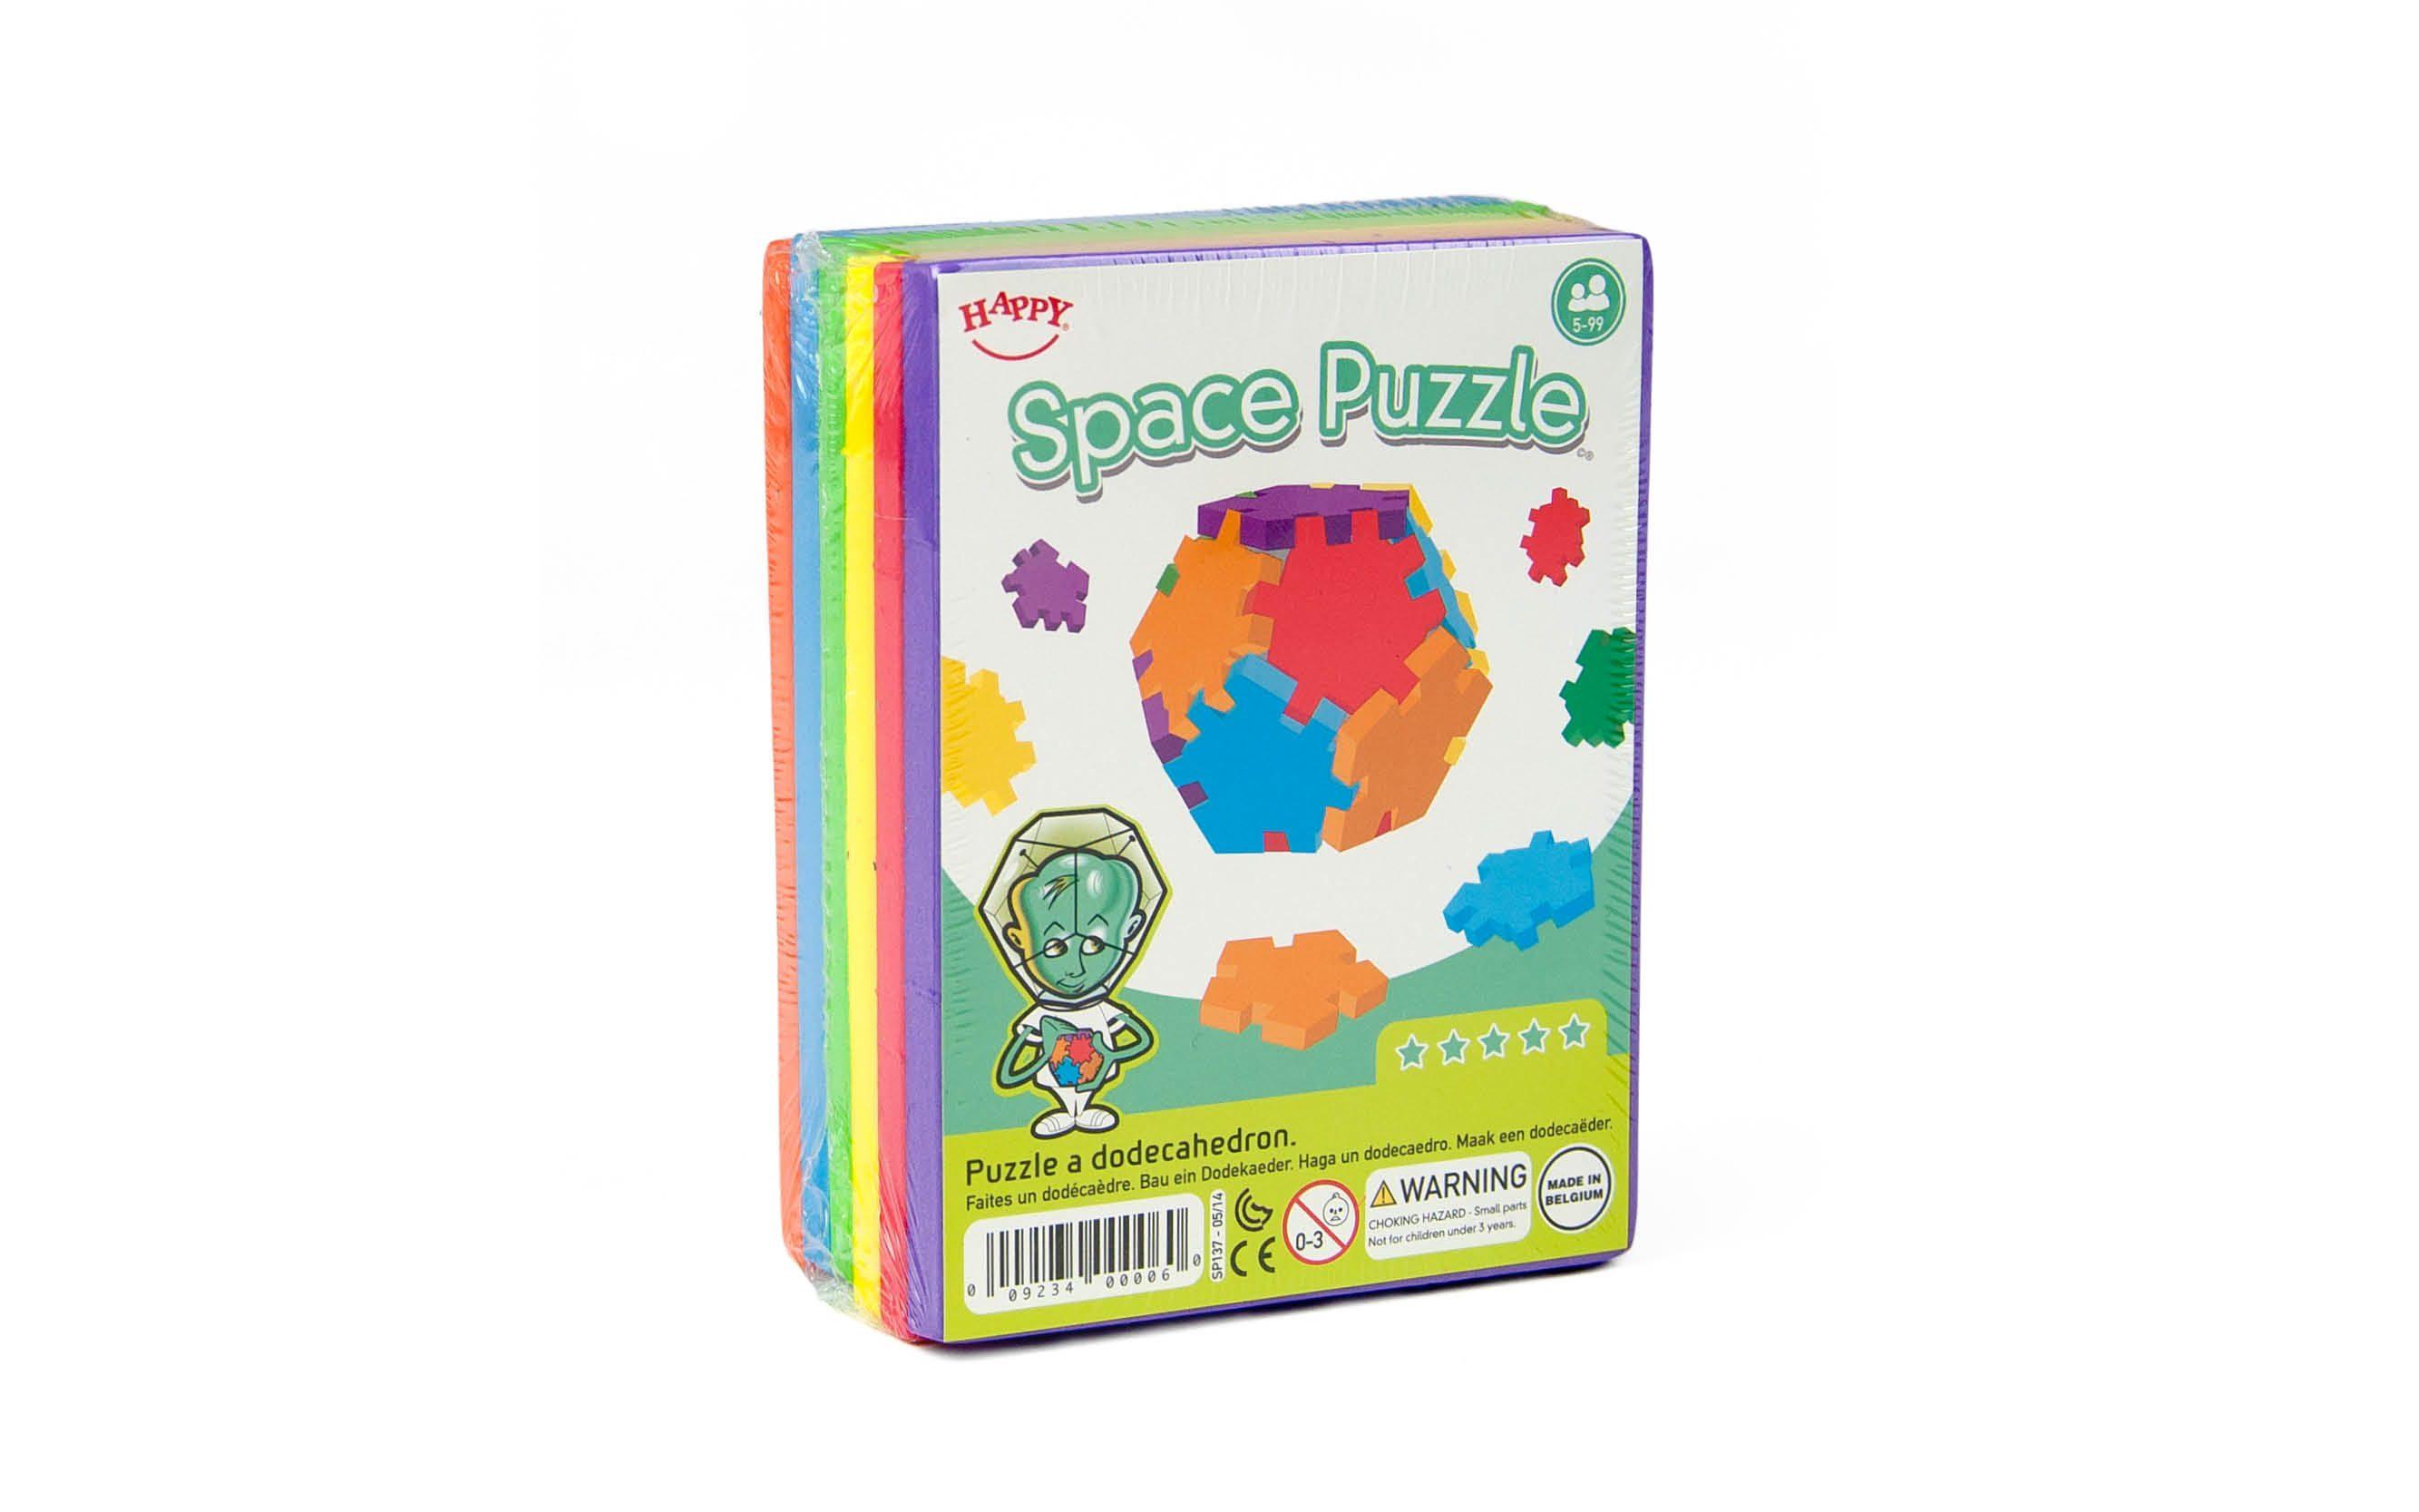 Happy_SpacePuzzle